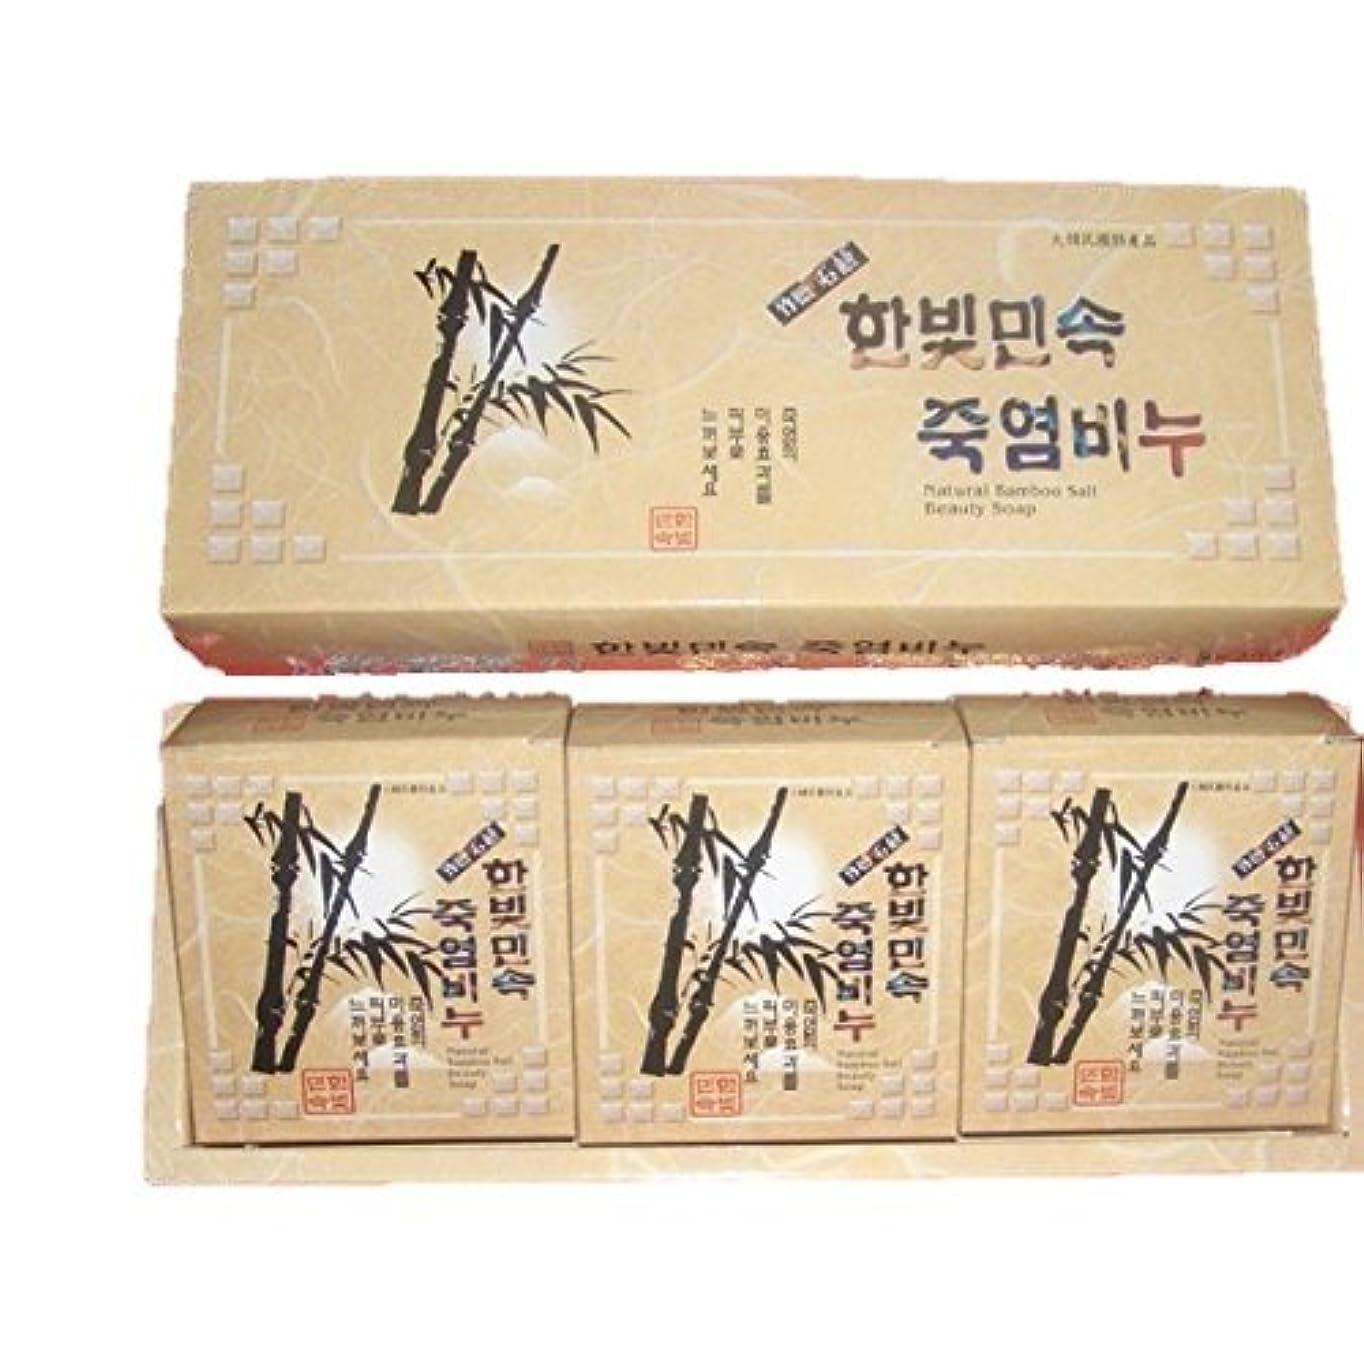 結果排他的成果(韓国ブランド) 竹塩石鹸 (3個×3セット)